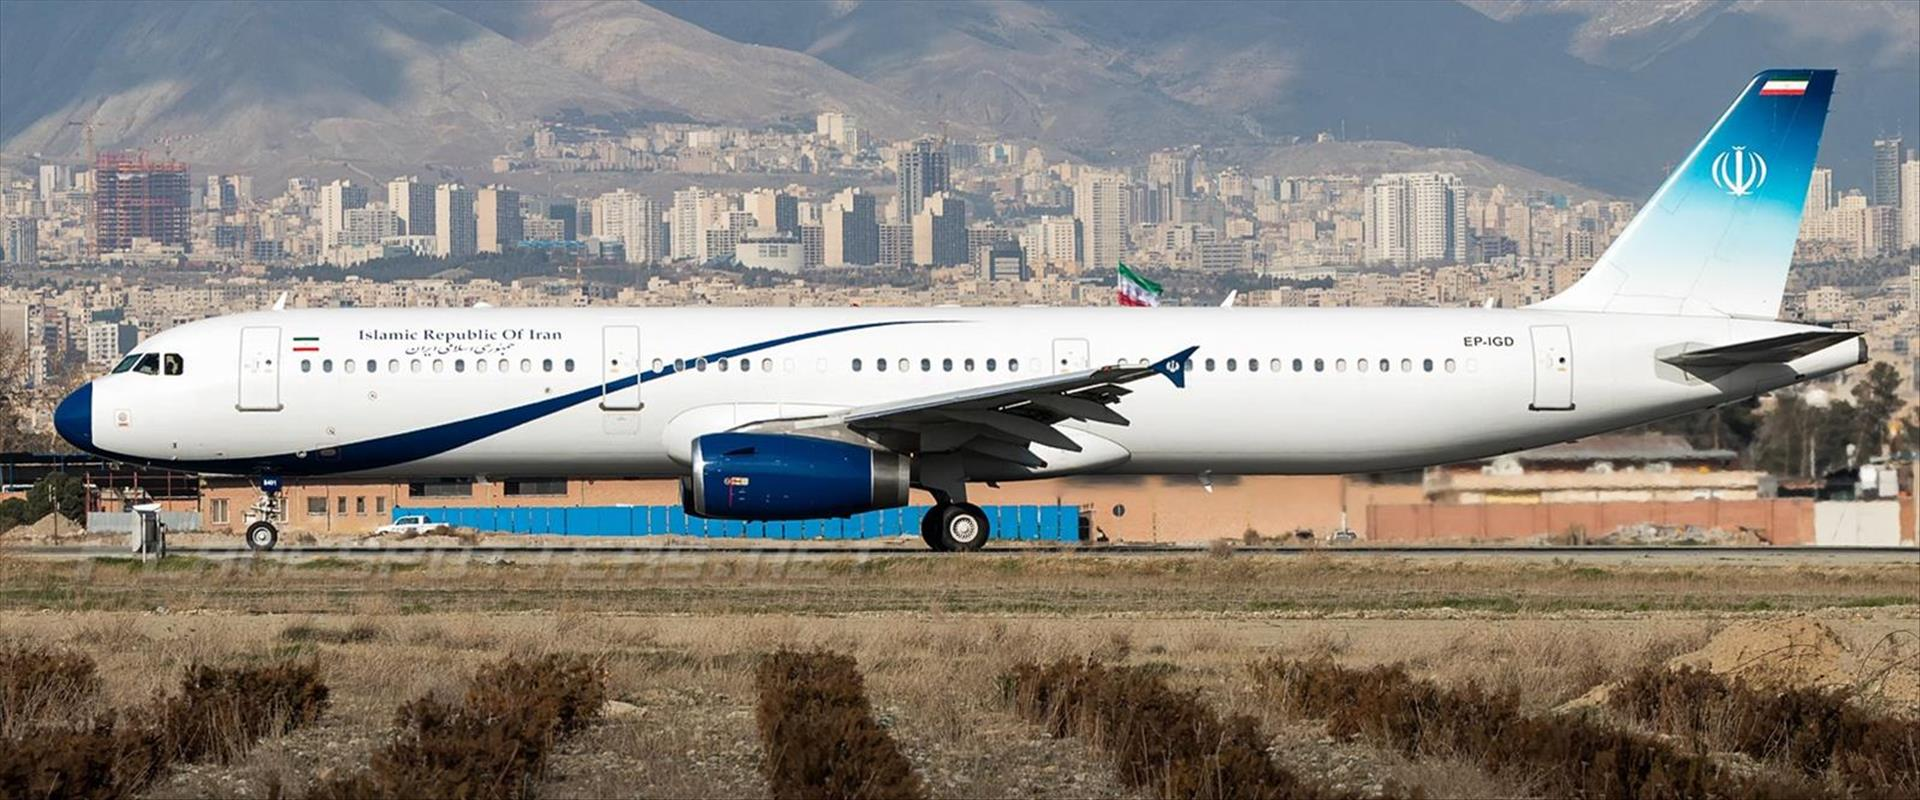 מטוס של ממשלת איראן, אילוסטרציה